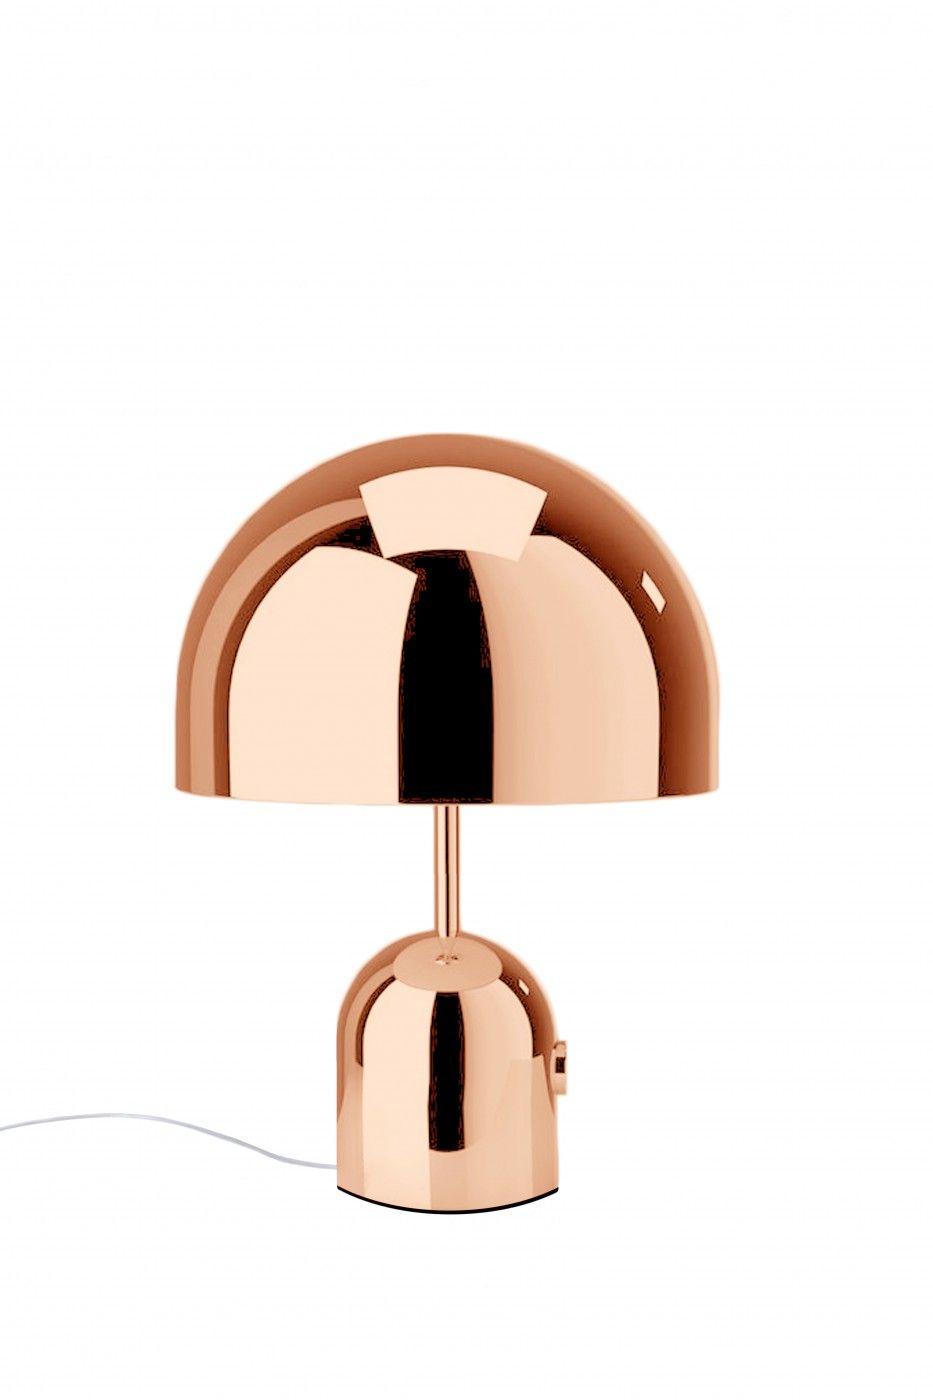 Replica Tom Dixon Bell Table Lamp Small Lamp Table Lamp Small Table Lamp